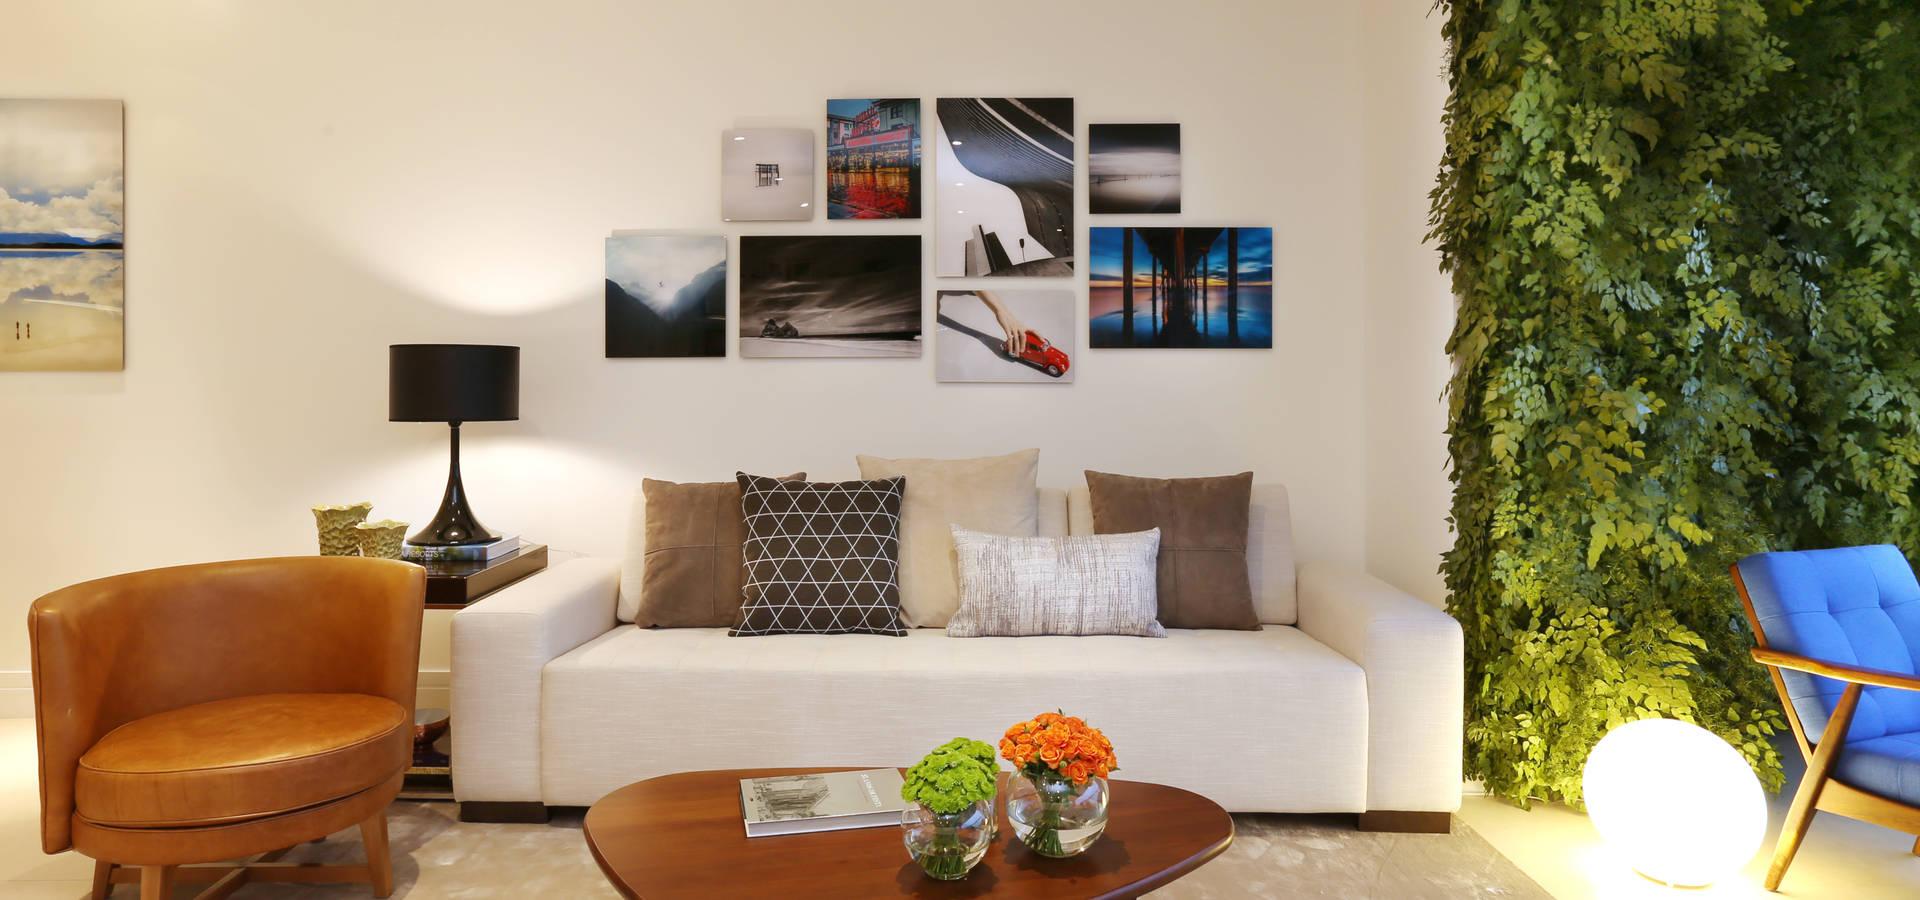 Now Arquitetura e Interiores